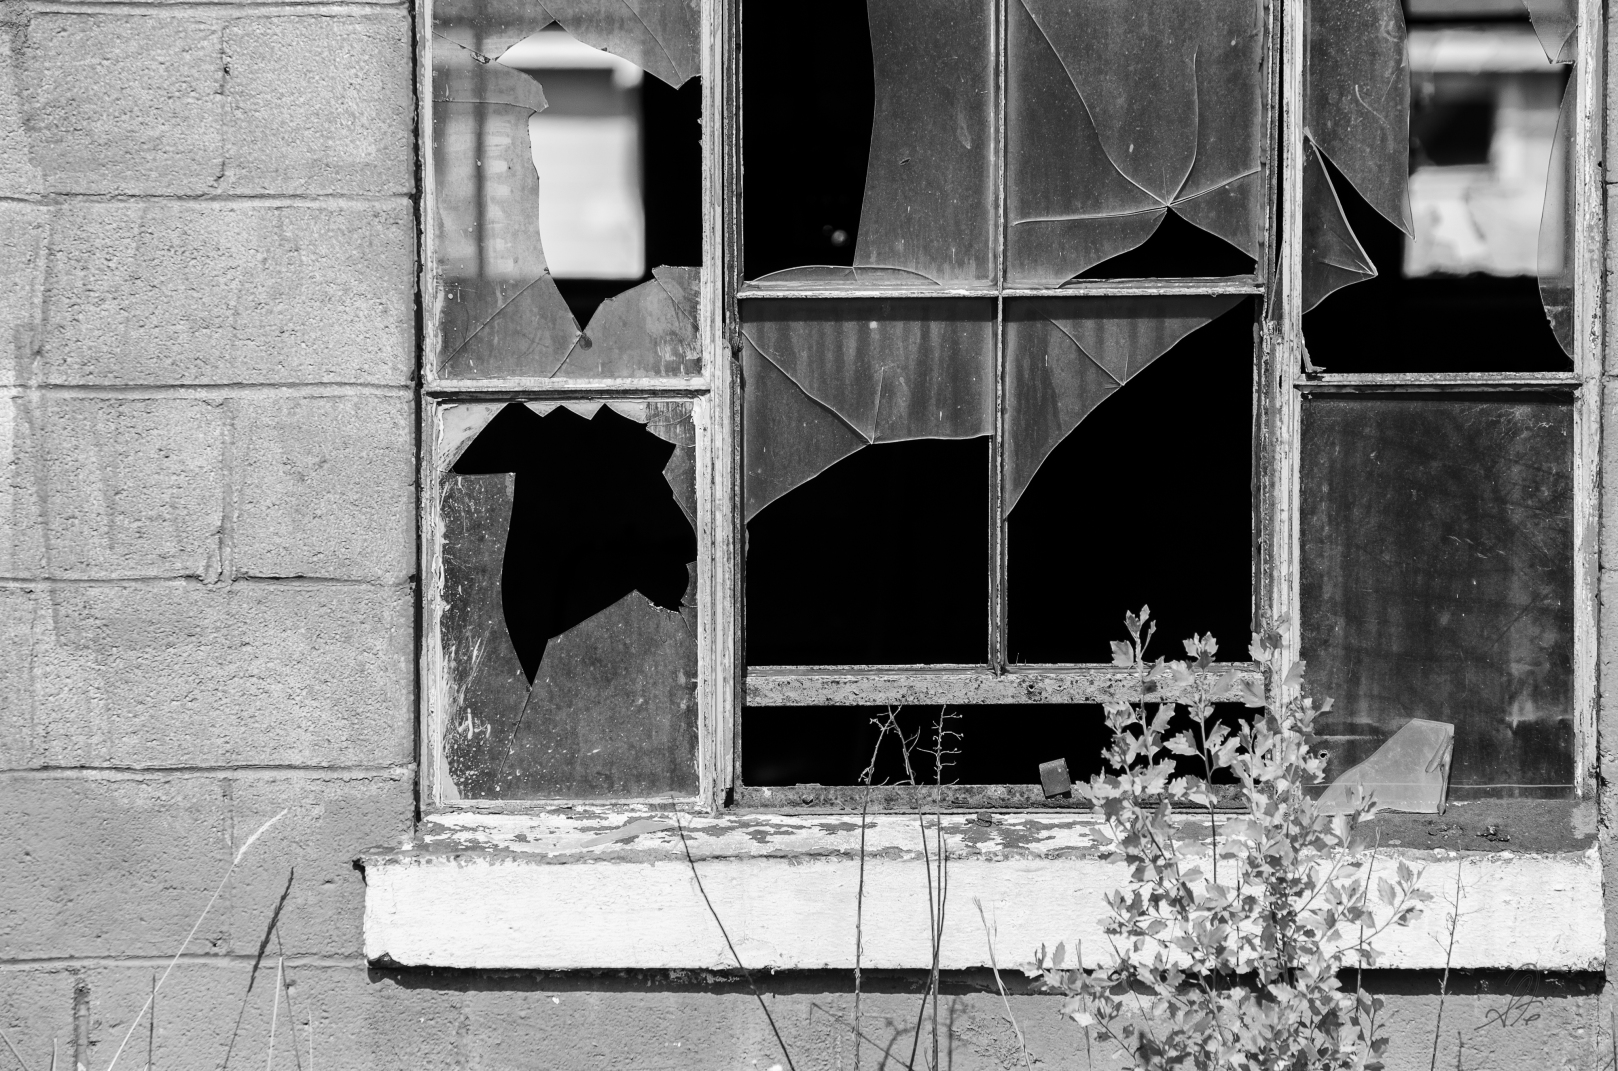 Broken Windows to Darkness